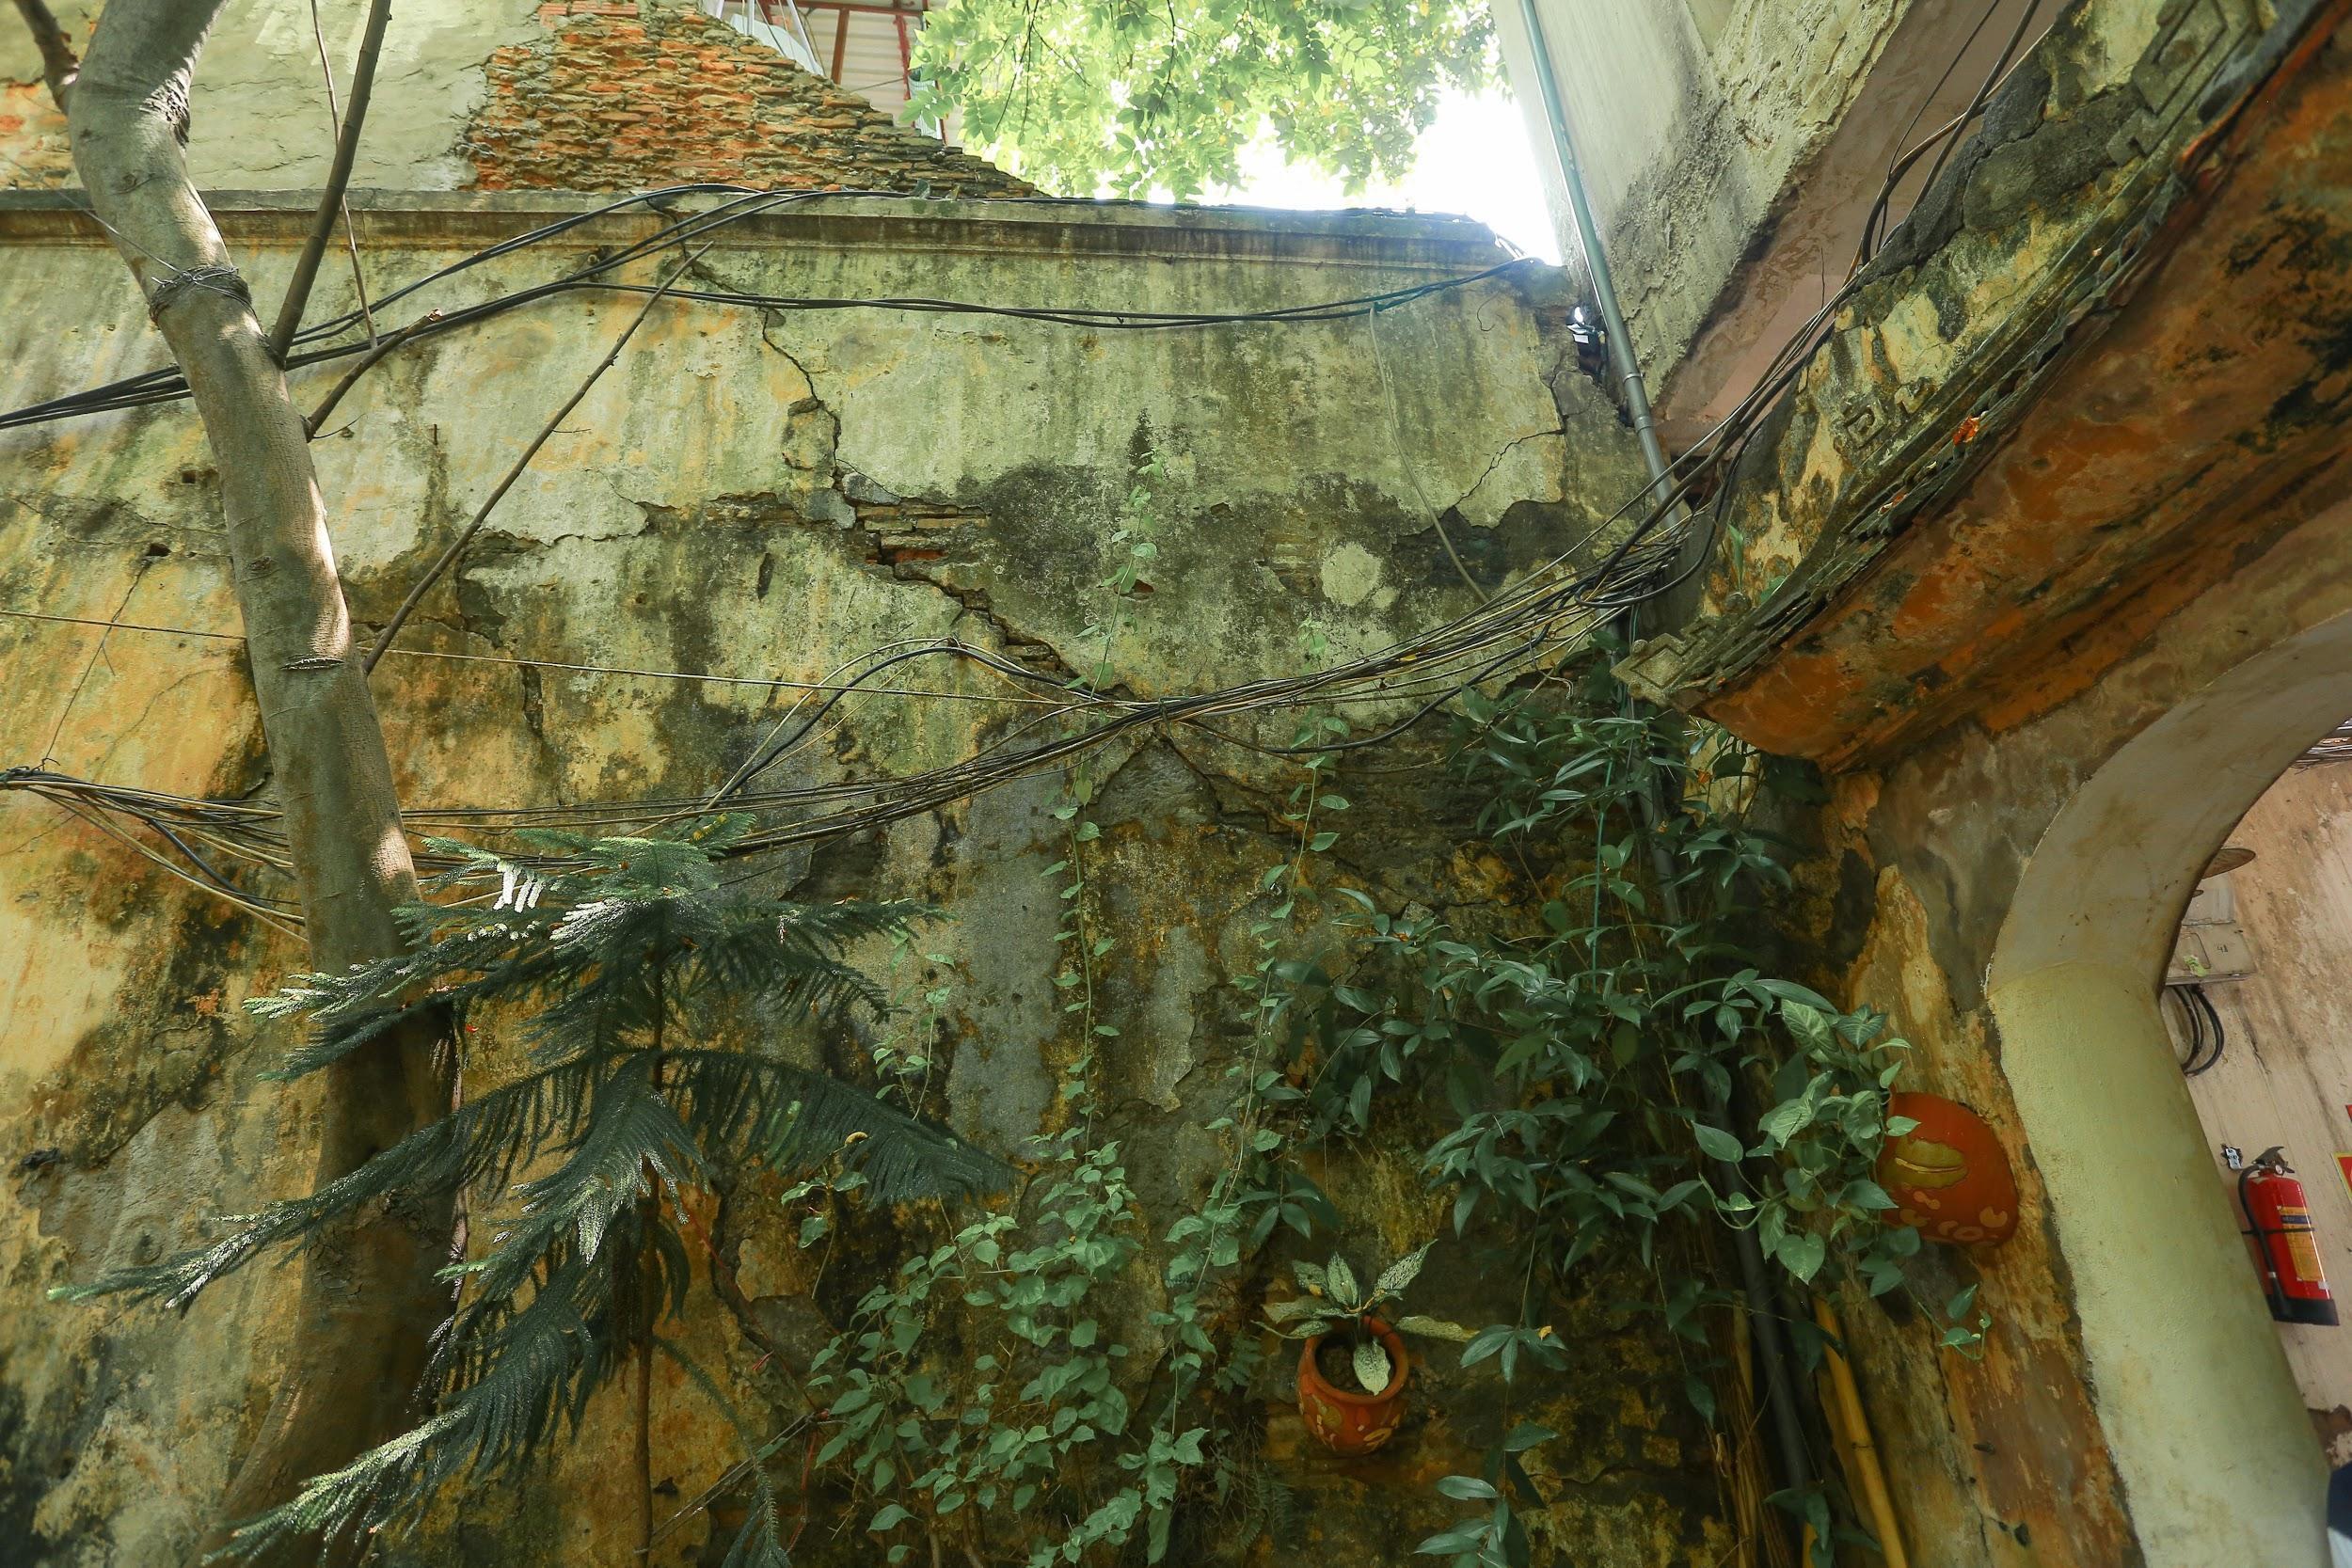 Biệt thự vườn rộng 700m2 của đại gia kim hoàn phố cổ Hà Nội một thời - 4